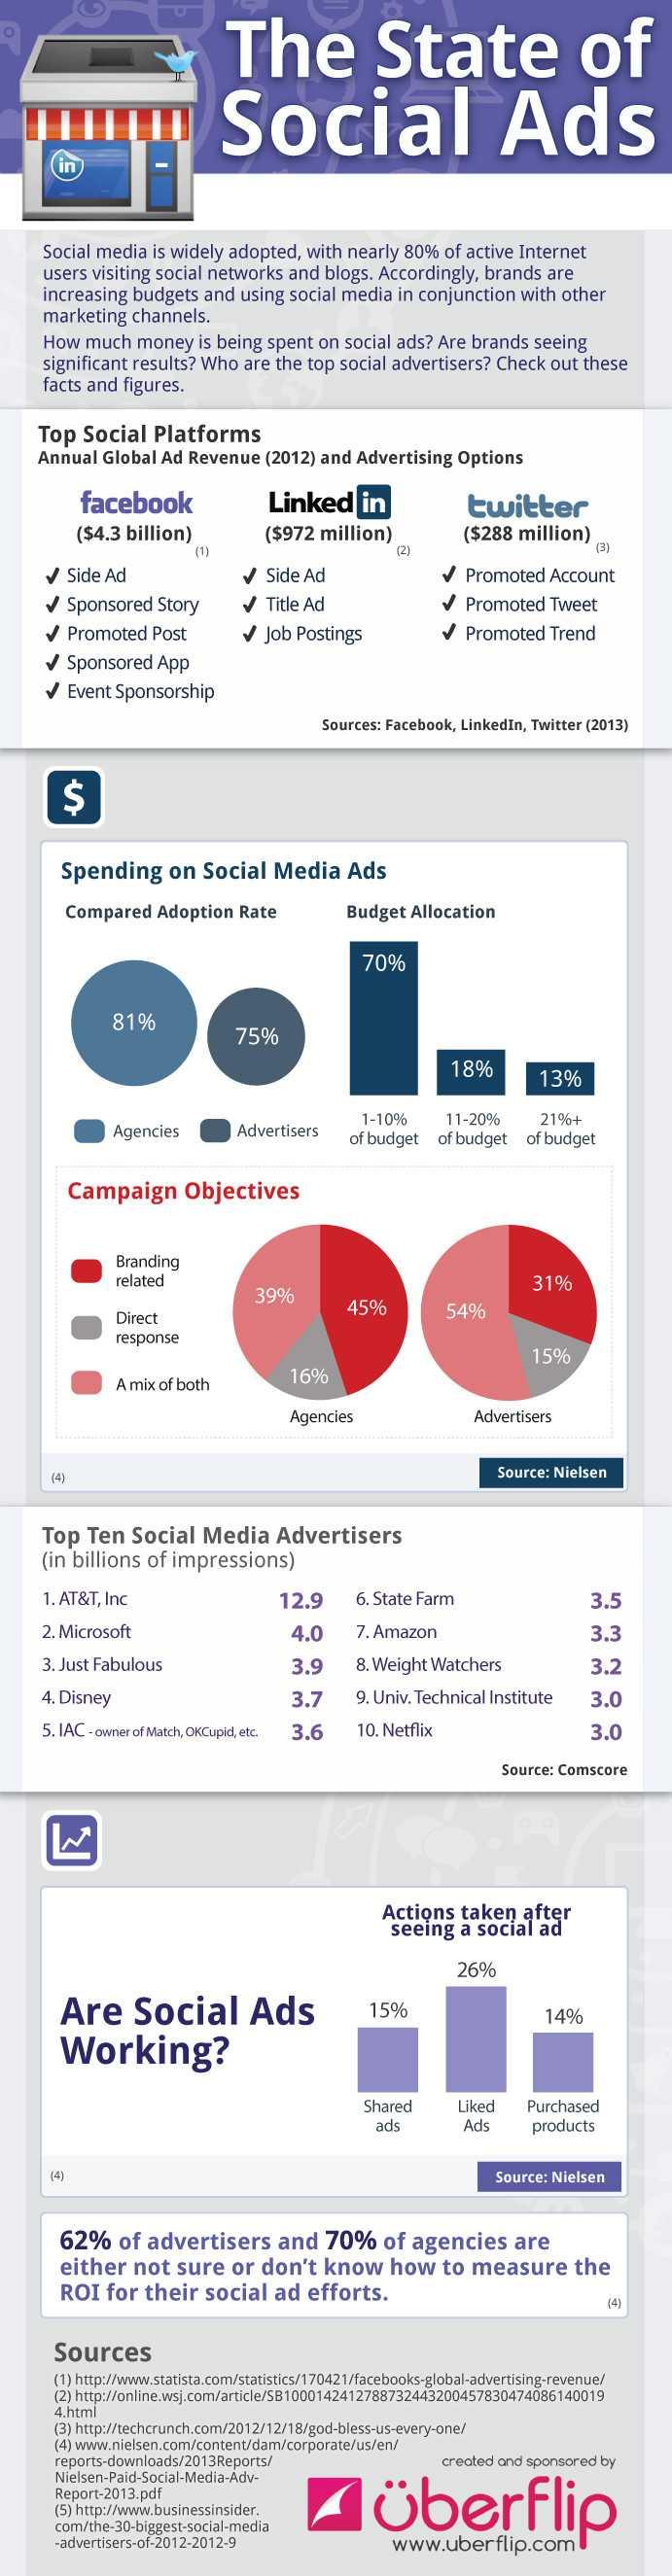 | La publicité sur les réseaux sociaux en 2013